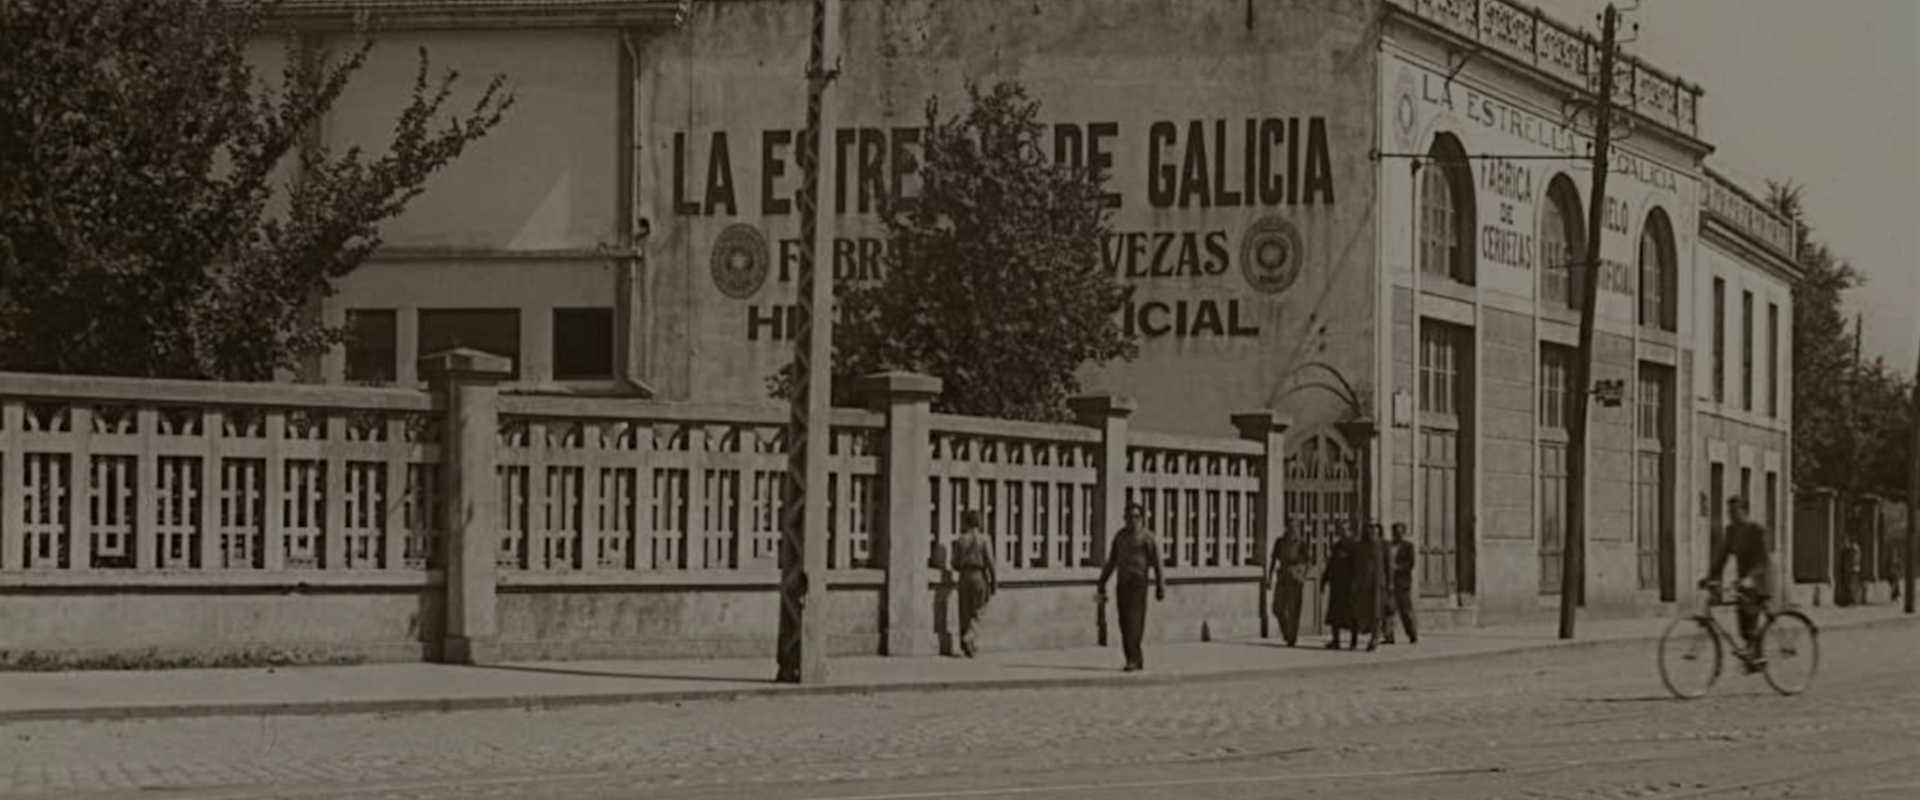 Fabrica de Cervezas y Hielo Artificial, el inicio de la Estrella de Galicia en Cuatro Caminos (Coruña)